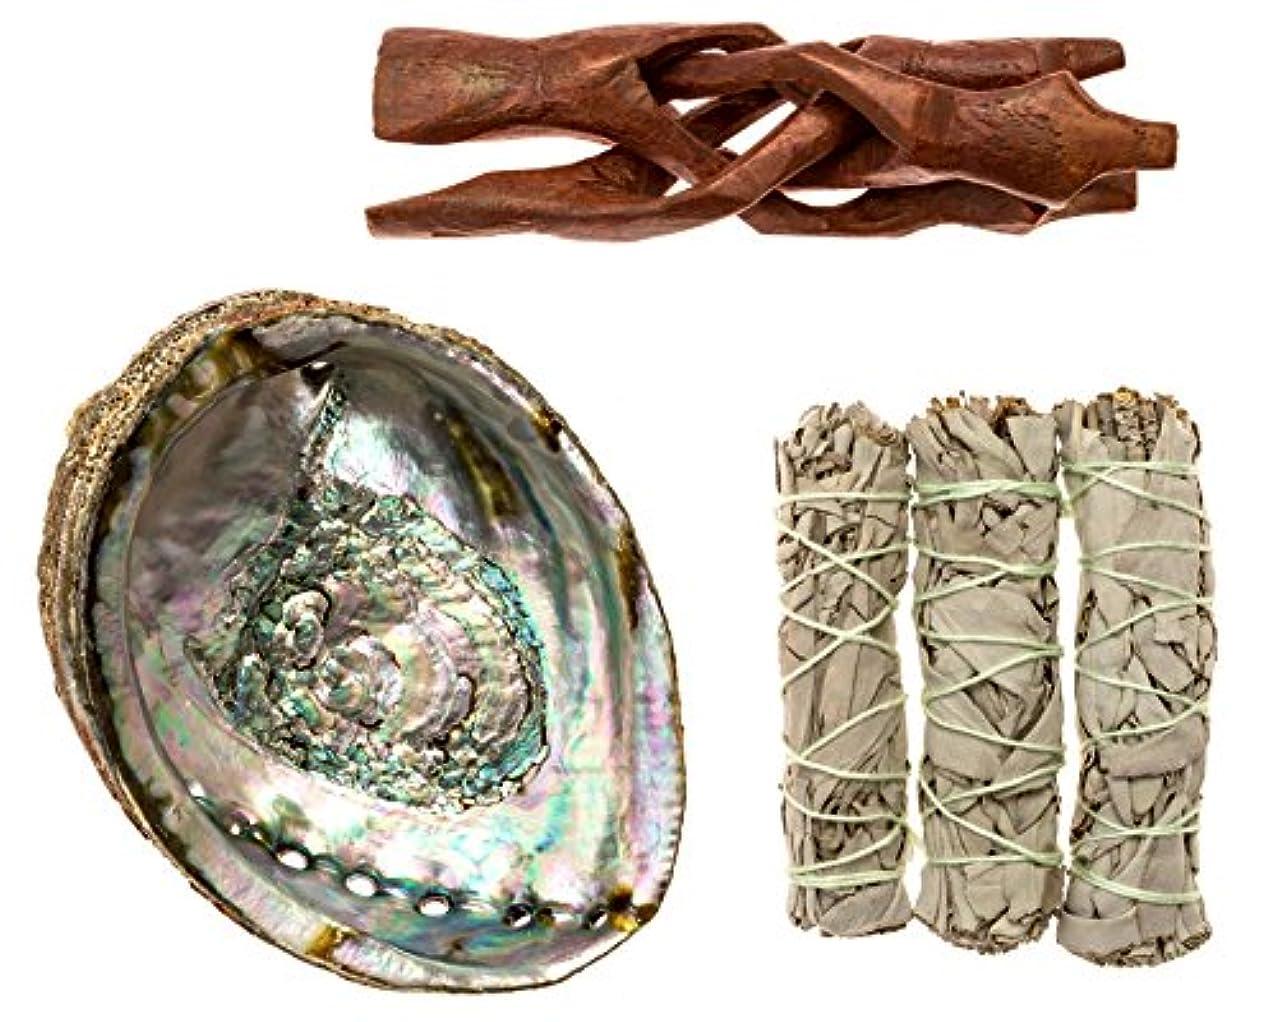 リールよろめく刺すPremium Abalone Shell with木製三脚スタンドと3カリフォルニアホワイトセージスマッジSticks for Incense燃焼、Home Fragrance、エネルギーClearing、ヨガ、瞑想。...